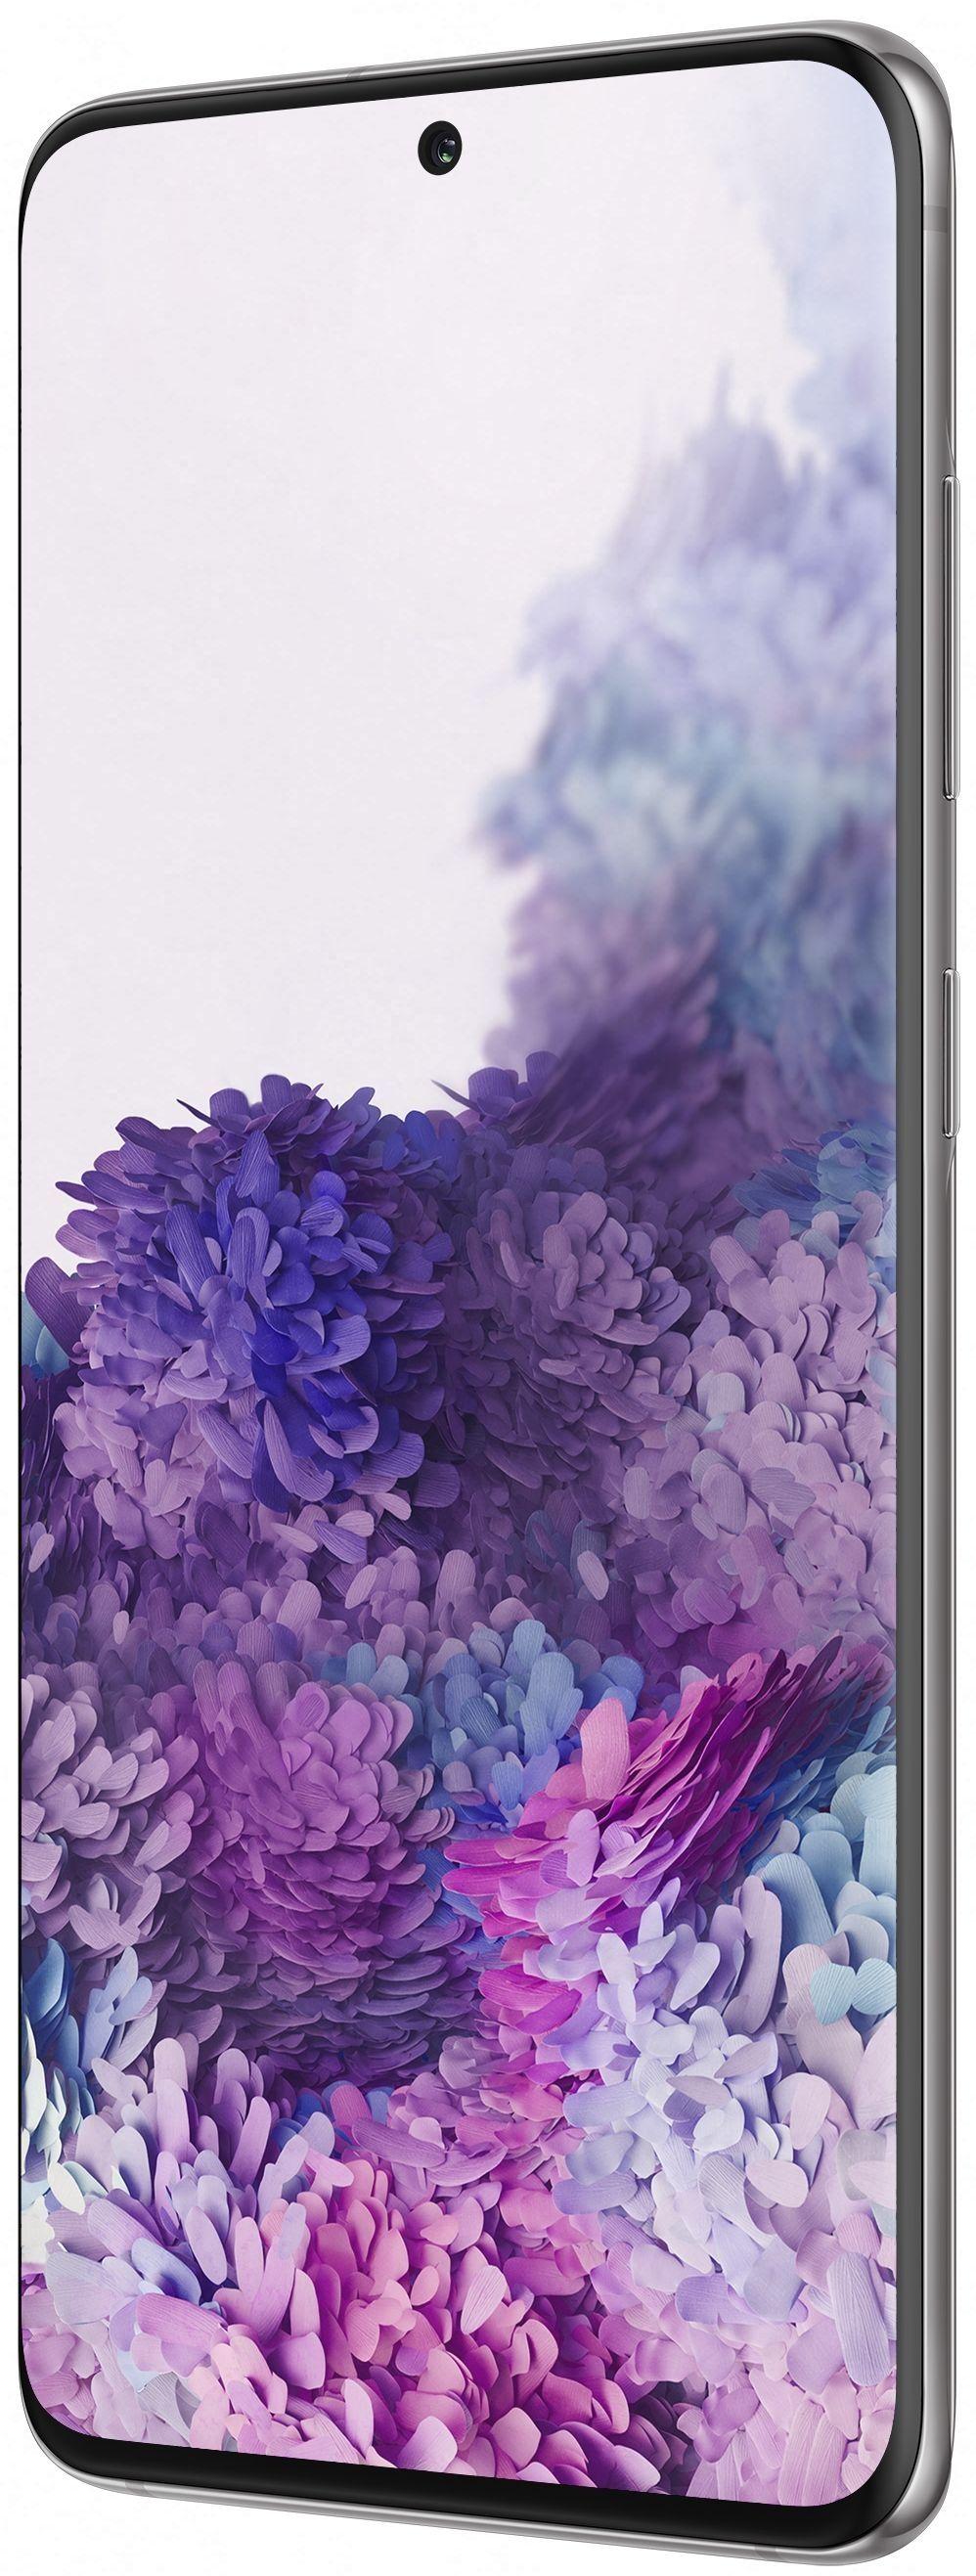 Смартфон Samsung Galaxy S20 (SM-G980FZADSEK) Gray от Територія твоєї техніки - 2